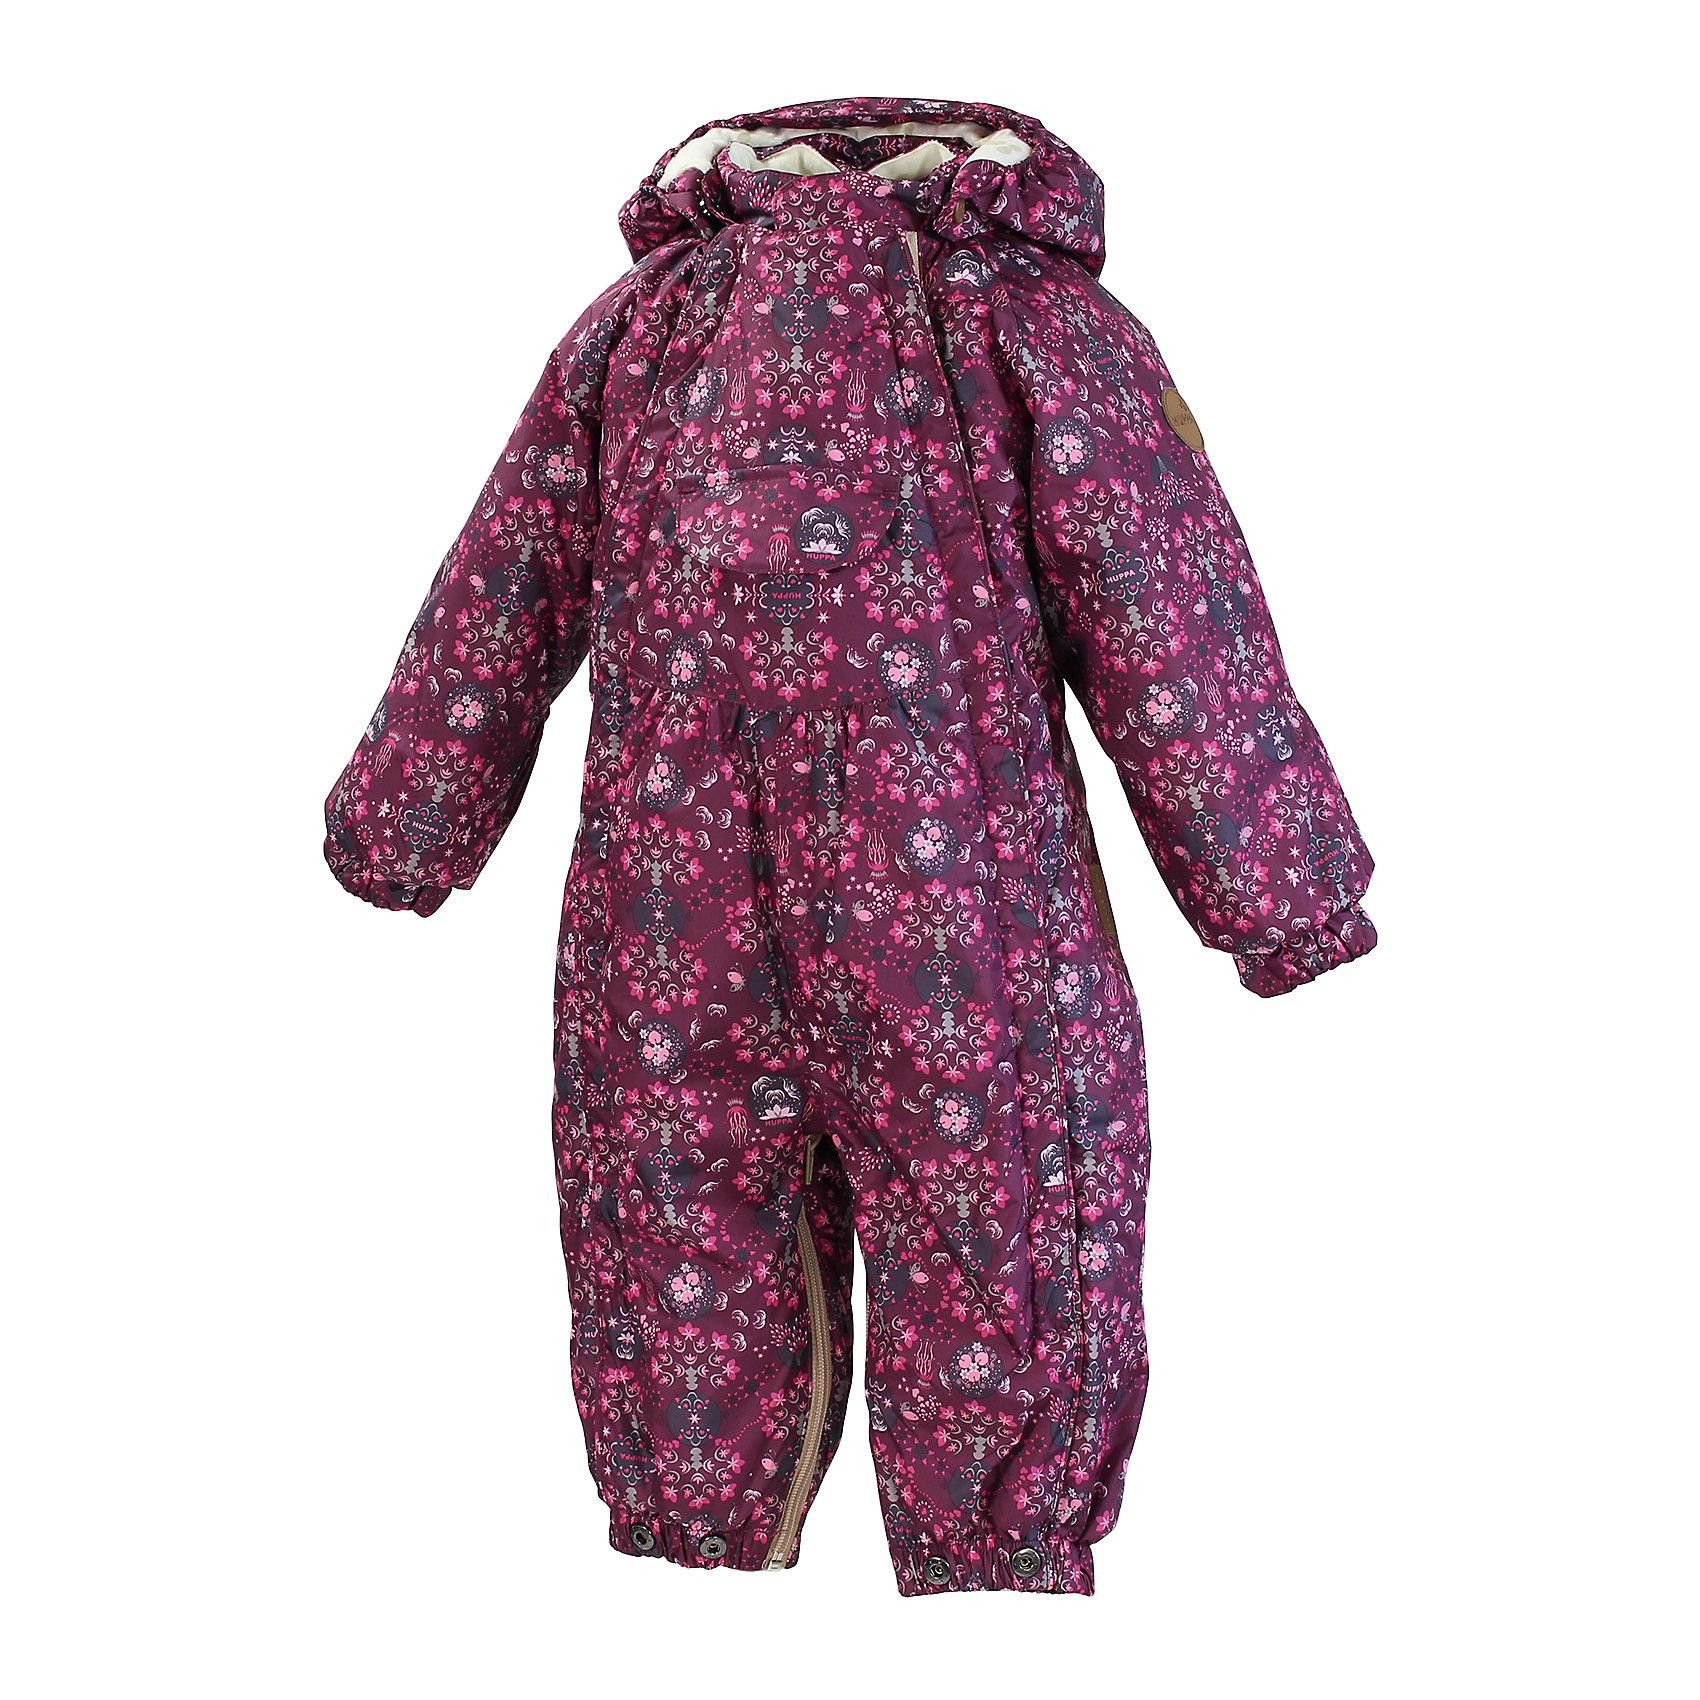 Конверт-трансформер для девочки HuppaТеплый спальный мешок-комбинезон для младенцев с приятно легким ватином для сладких послеобеденных снов и первых шагов ребенка. При помощи замка-молнии комбинезон легко превратить в спальный мешок и наоборот. У спального мешка-комбинезона подкладка из мягкой хлопковой фланели и подходящая для нашего климата, дышащая и водоотталкивающая ткань. Ребенка легко одеть благодаря двум замкам-молниям в полную длину. Проклеенные швы на задней части комбинезона позволят ребенку беззаботно играть на улице и наслаждаться сухостью и теплом. В дополнение к этому удобство спальному мешку-комбинезону добавляют съемный капюшон и силиконовые резинки для фиксации на обуви (для предотвращения попадания снега в голенища сапог). Концы рукавов можно всего парой движений завернуть назад, и варежки тогда не потребуются.<br>Huppa (Хуппа)Therm 200 грамм<br>Высокотехнологичный лёгкий синтетический утеплитель нового поколения, сохраняет объём и высокую теплоизоляцию изделия, а также легко стирается и быстро сохнет.<br>Влагоустойчивая и дышащая ткань 5000/ 5000<br>Мембрана препятствует прохождению воды и ветра сквозь ткань внутрь изделия, позволяя испаряться выделяемой телом, образовывающейся внутри влаге.<br>Светоотражательные детали<br>При плохих погодных условиях или в темноте, когда свет падает на одежду, он отражается, делая ребёнка более заметным, уменьшая возможность несчастных случаев.<br><br>Дополнительная информация:<br><br>Температурный режим: от 0° до -15°С<br>Ткань: 100% полиэстер<br>Подкладка: фланель - 100% хлопок<br>Утеплитель: 100% полиэстер 200г.<br>Шаговый шов проклеен<br>Манжеты с отворотом<br><br><br><br>Конверт-трансформер для девочки Huppa (Хуппа) можно купить в нашем магазине.<br><br>Ширина мм: 356<br>Глубина мм: 10<br>Высота мм: 245<br>Вес г: 519<br>Цвет: бордовый<br>Возраст от месяцев: 6<br>Возраст до месяцев: 9<br>Пол: Женский<br>Возраст: Детский<br>Размер: 74,68<br>SKU: 4242537